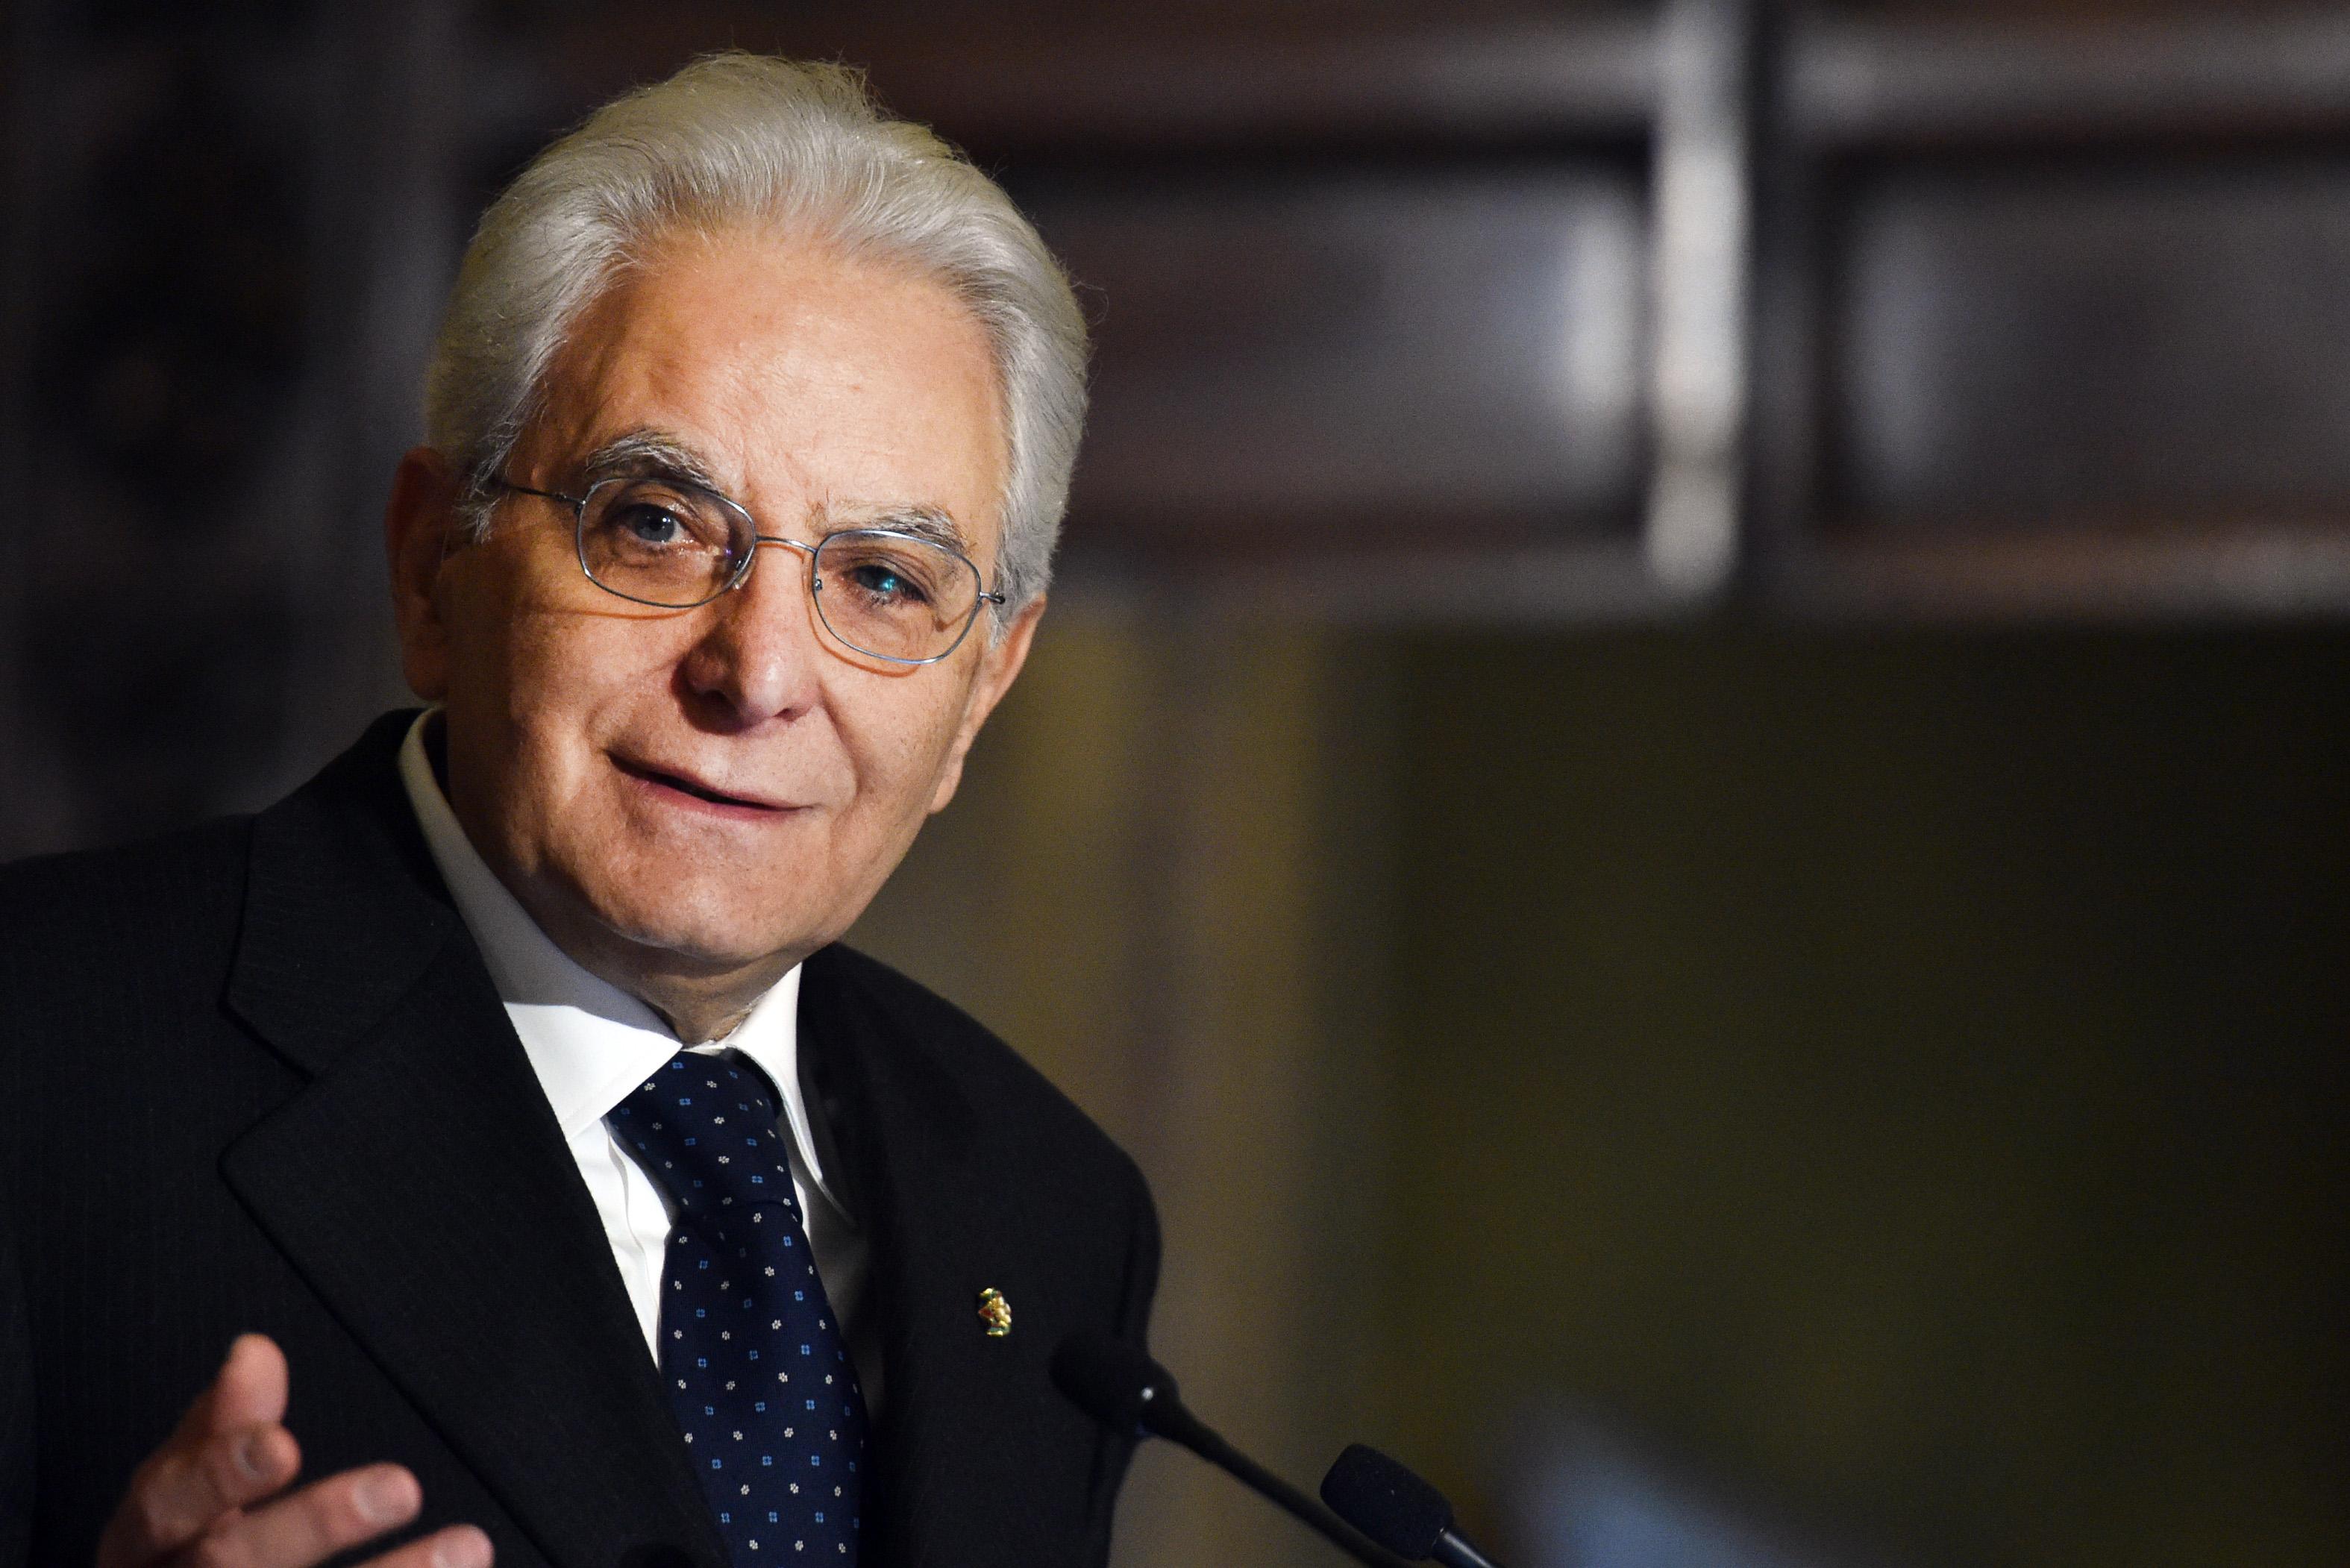 Mattarella affida alla Casellati il mandato esplorativo per stanare i partiti